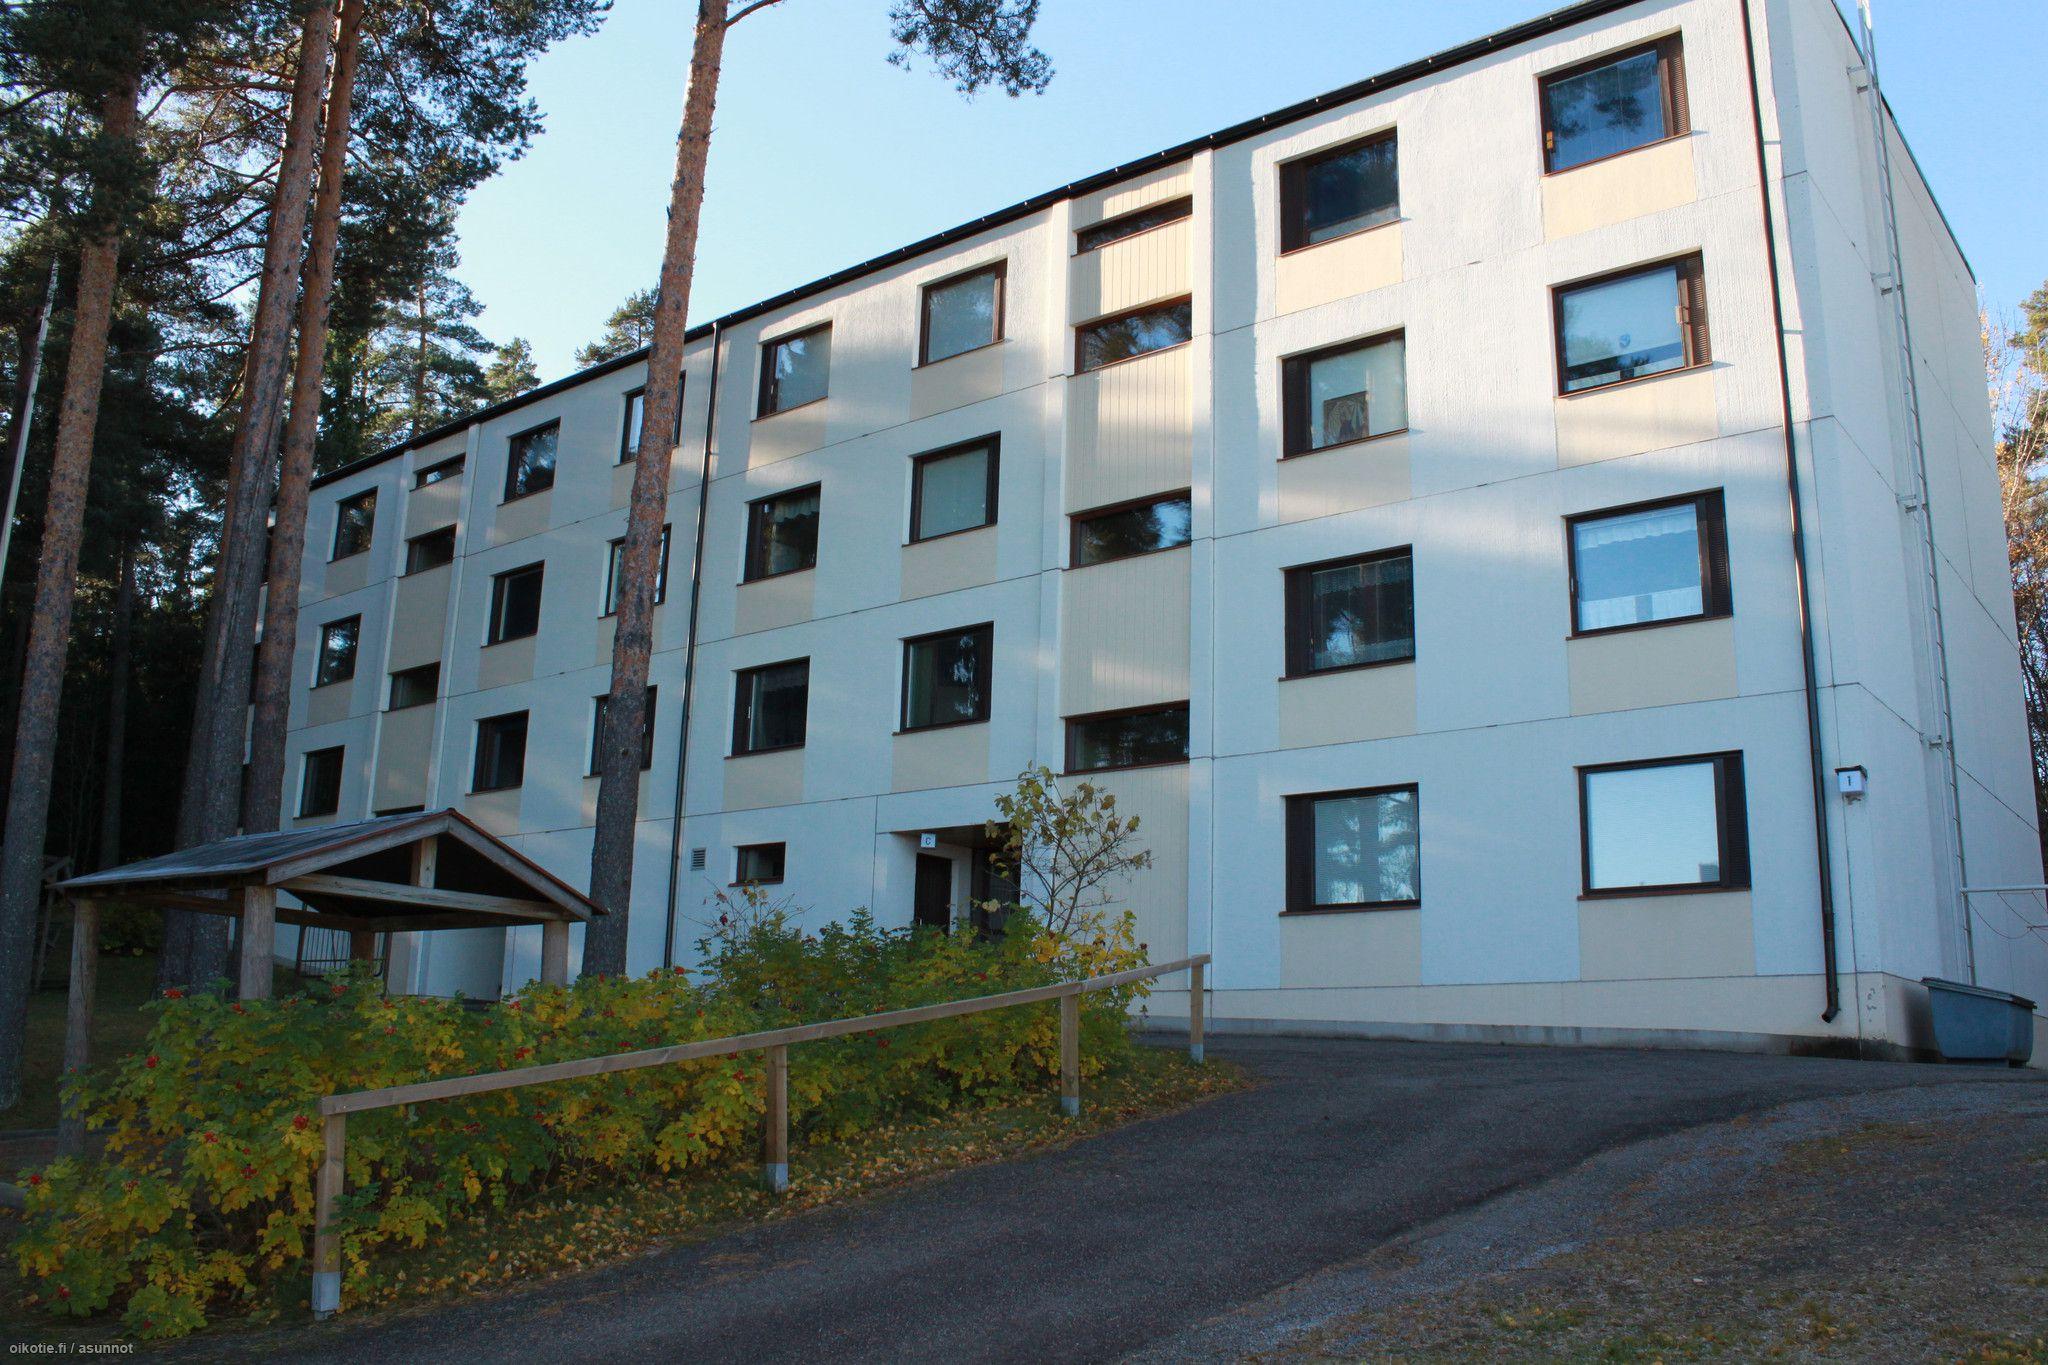 61 M Lukonmaenkatu 1 33710 Tampere Kerrostalo Kaksio